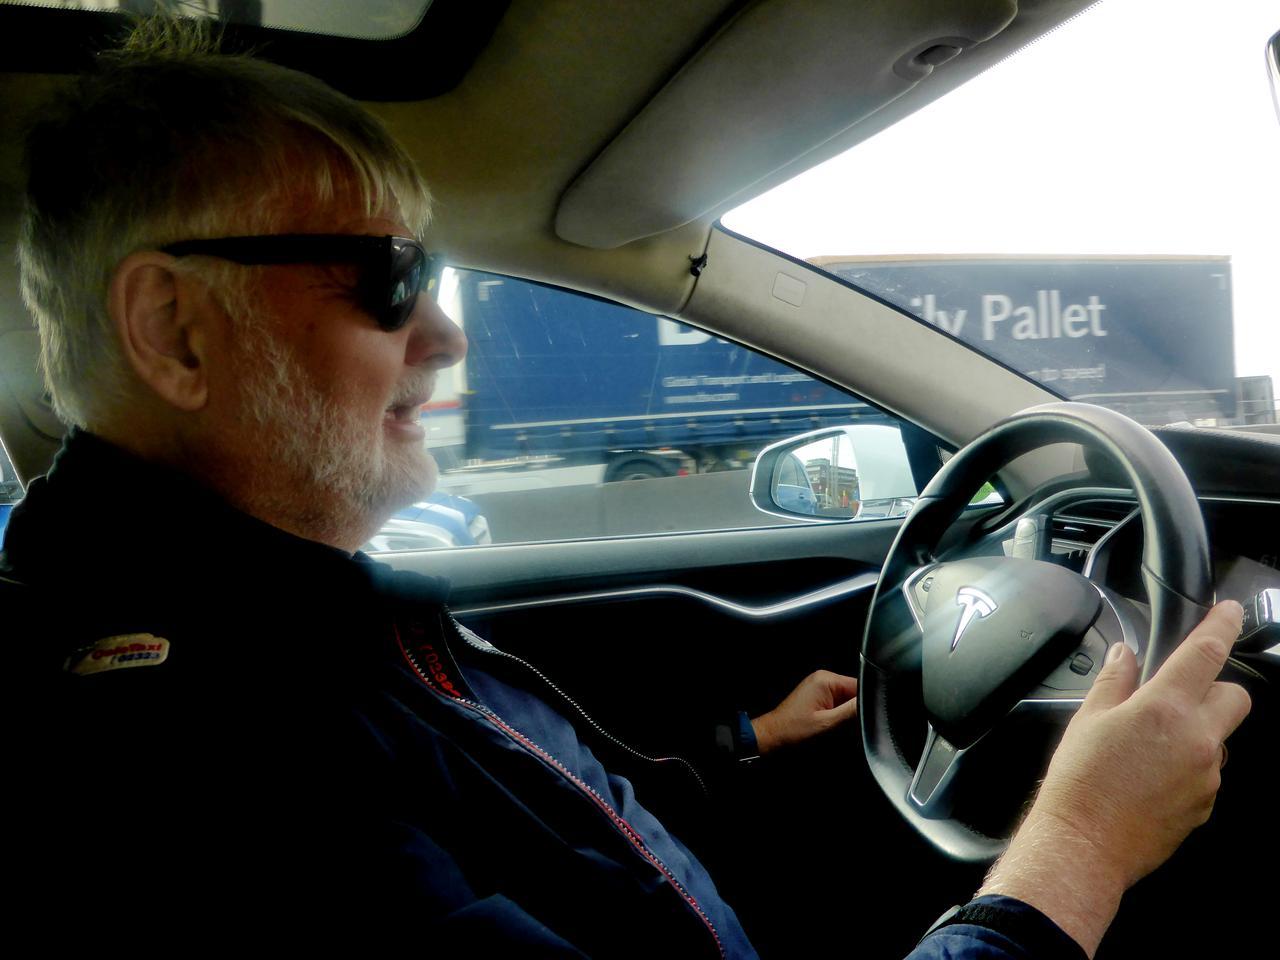 全球首例!奥斯陆将推广电动出租车感应充电系统